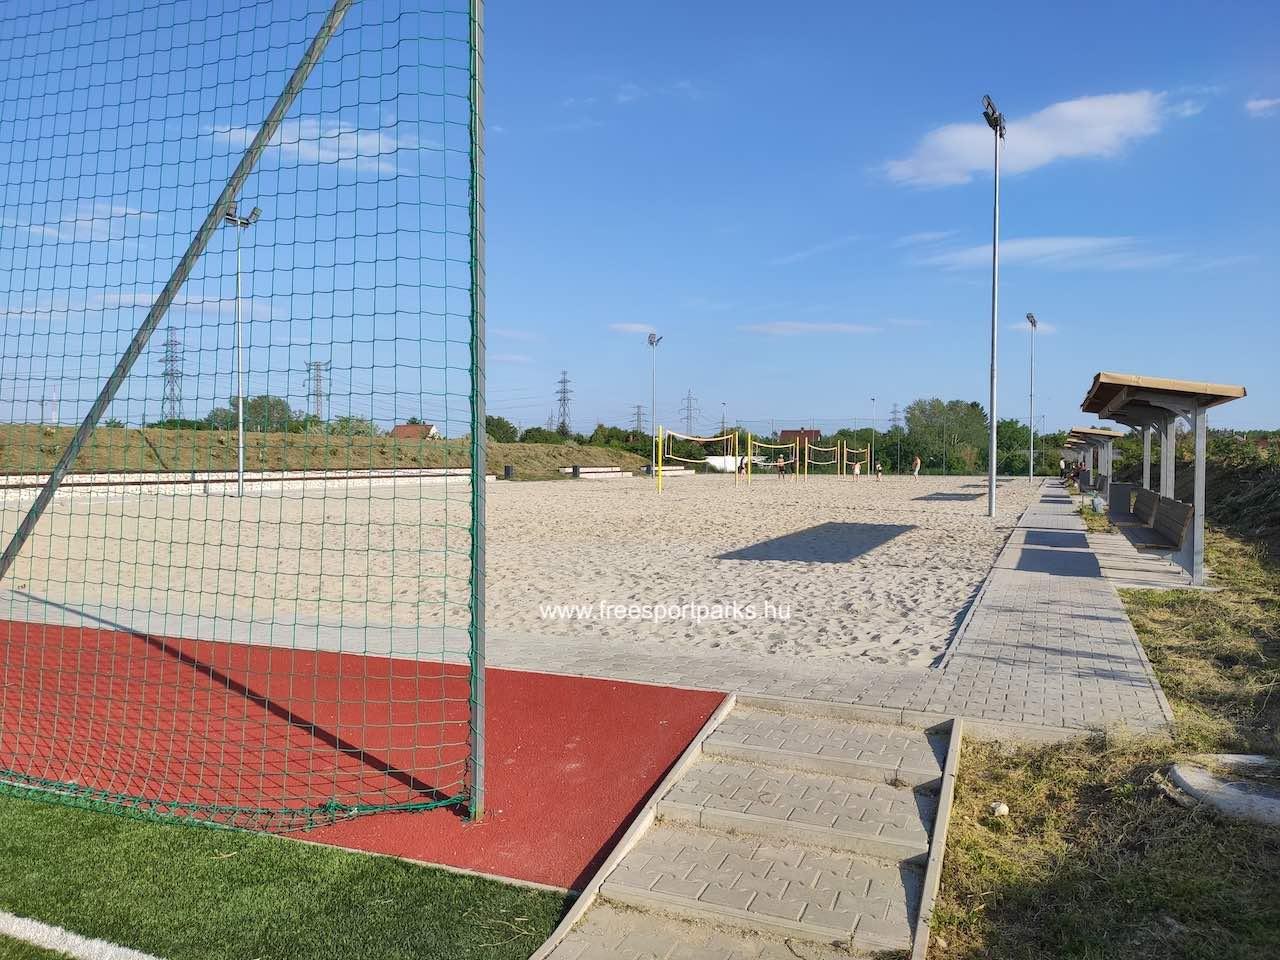 strandröplabda pálya - Érd szabadidőpark - Free Sport Parks térkép